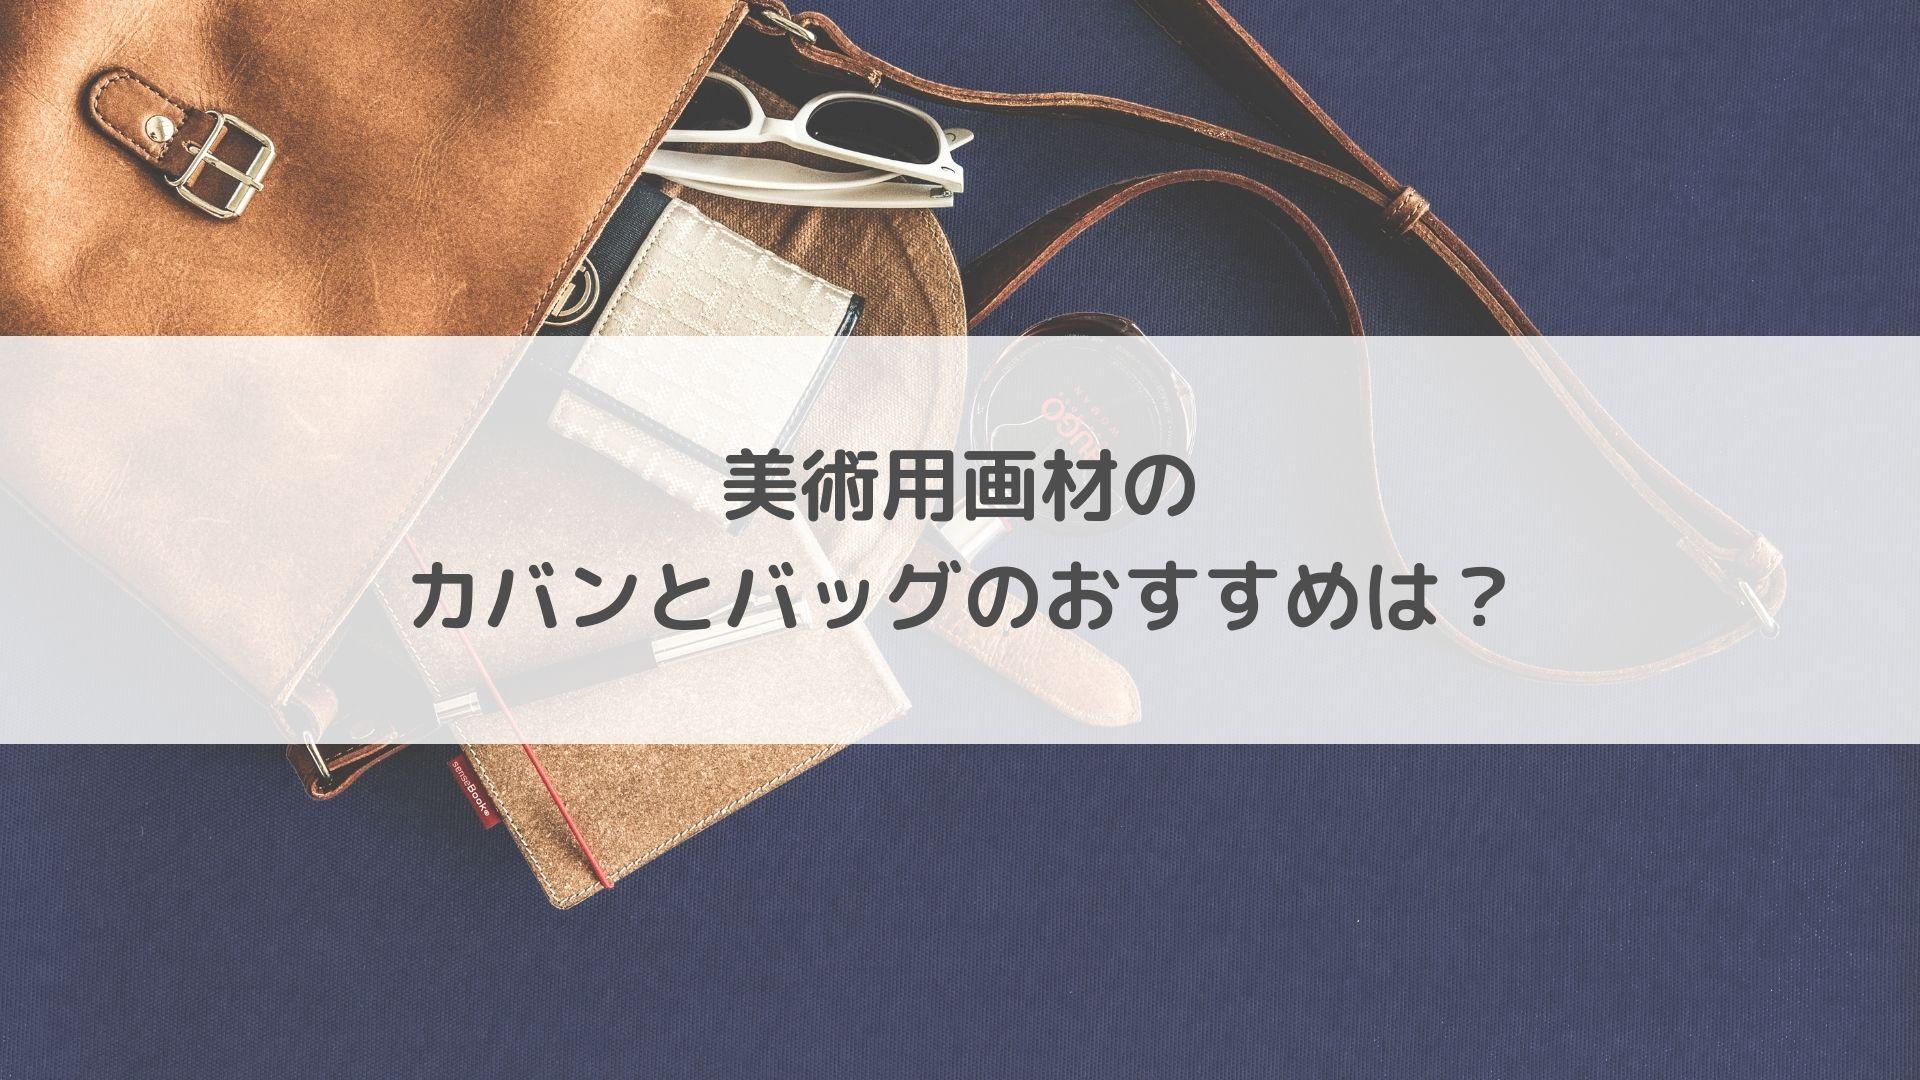 美術用画材のカバンとバッグのおすすめは?絵を持ち運ぶのに便利!